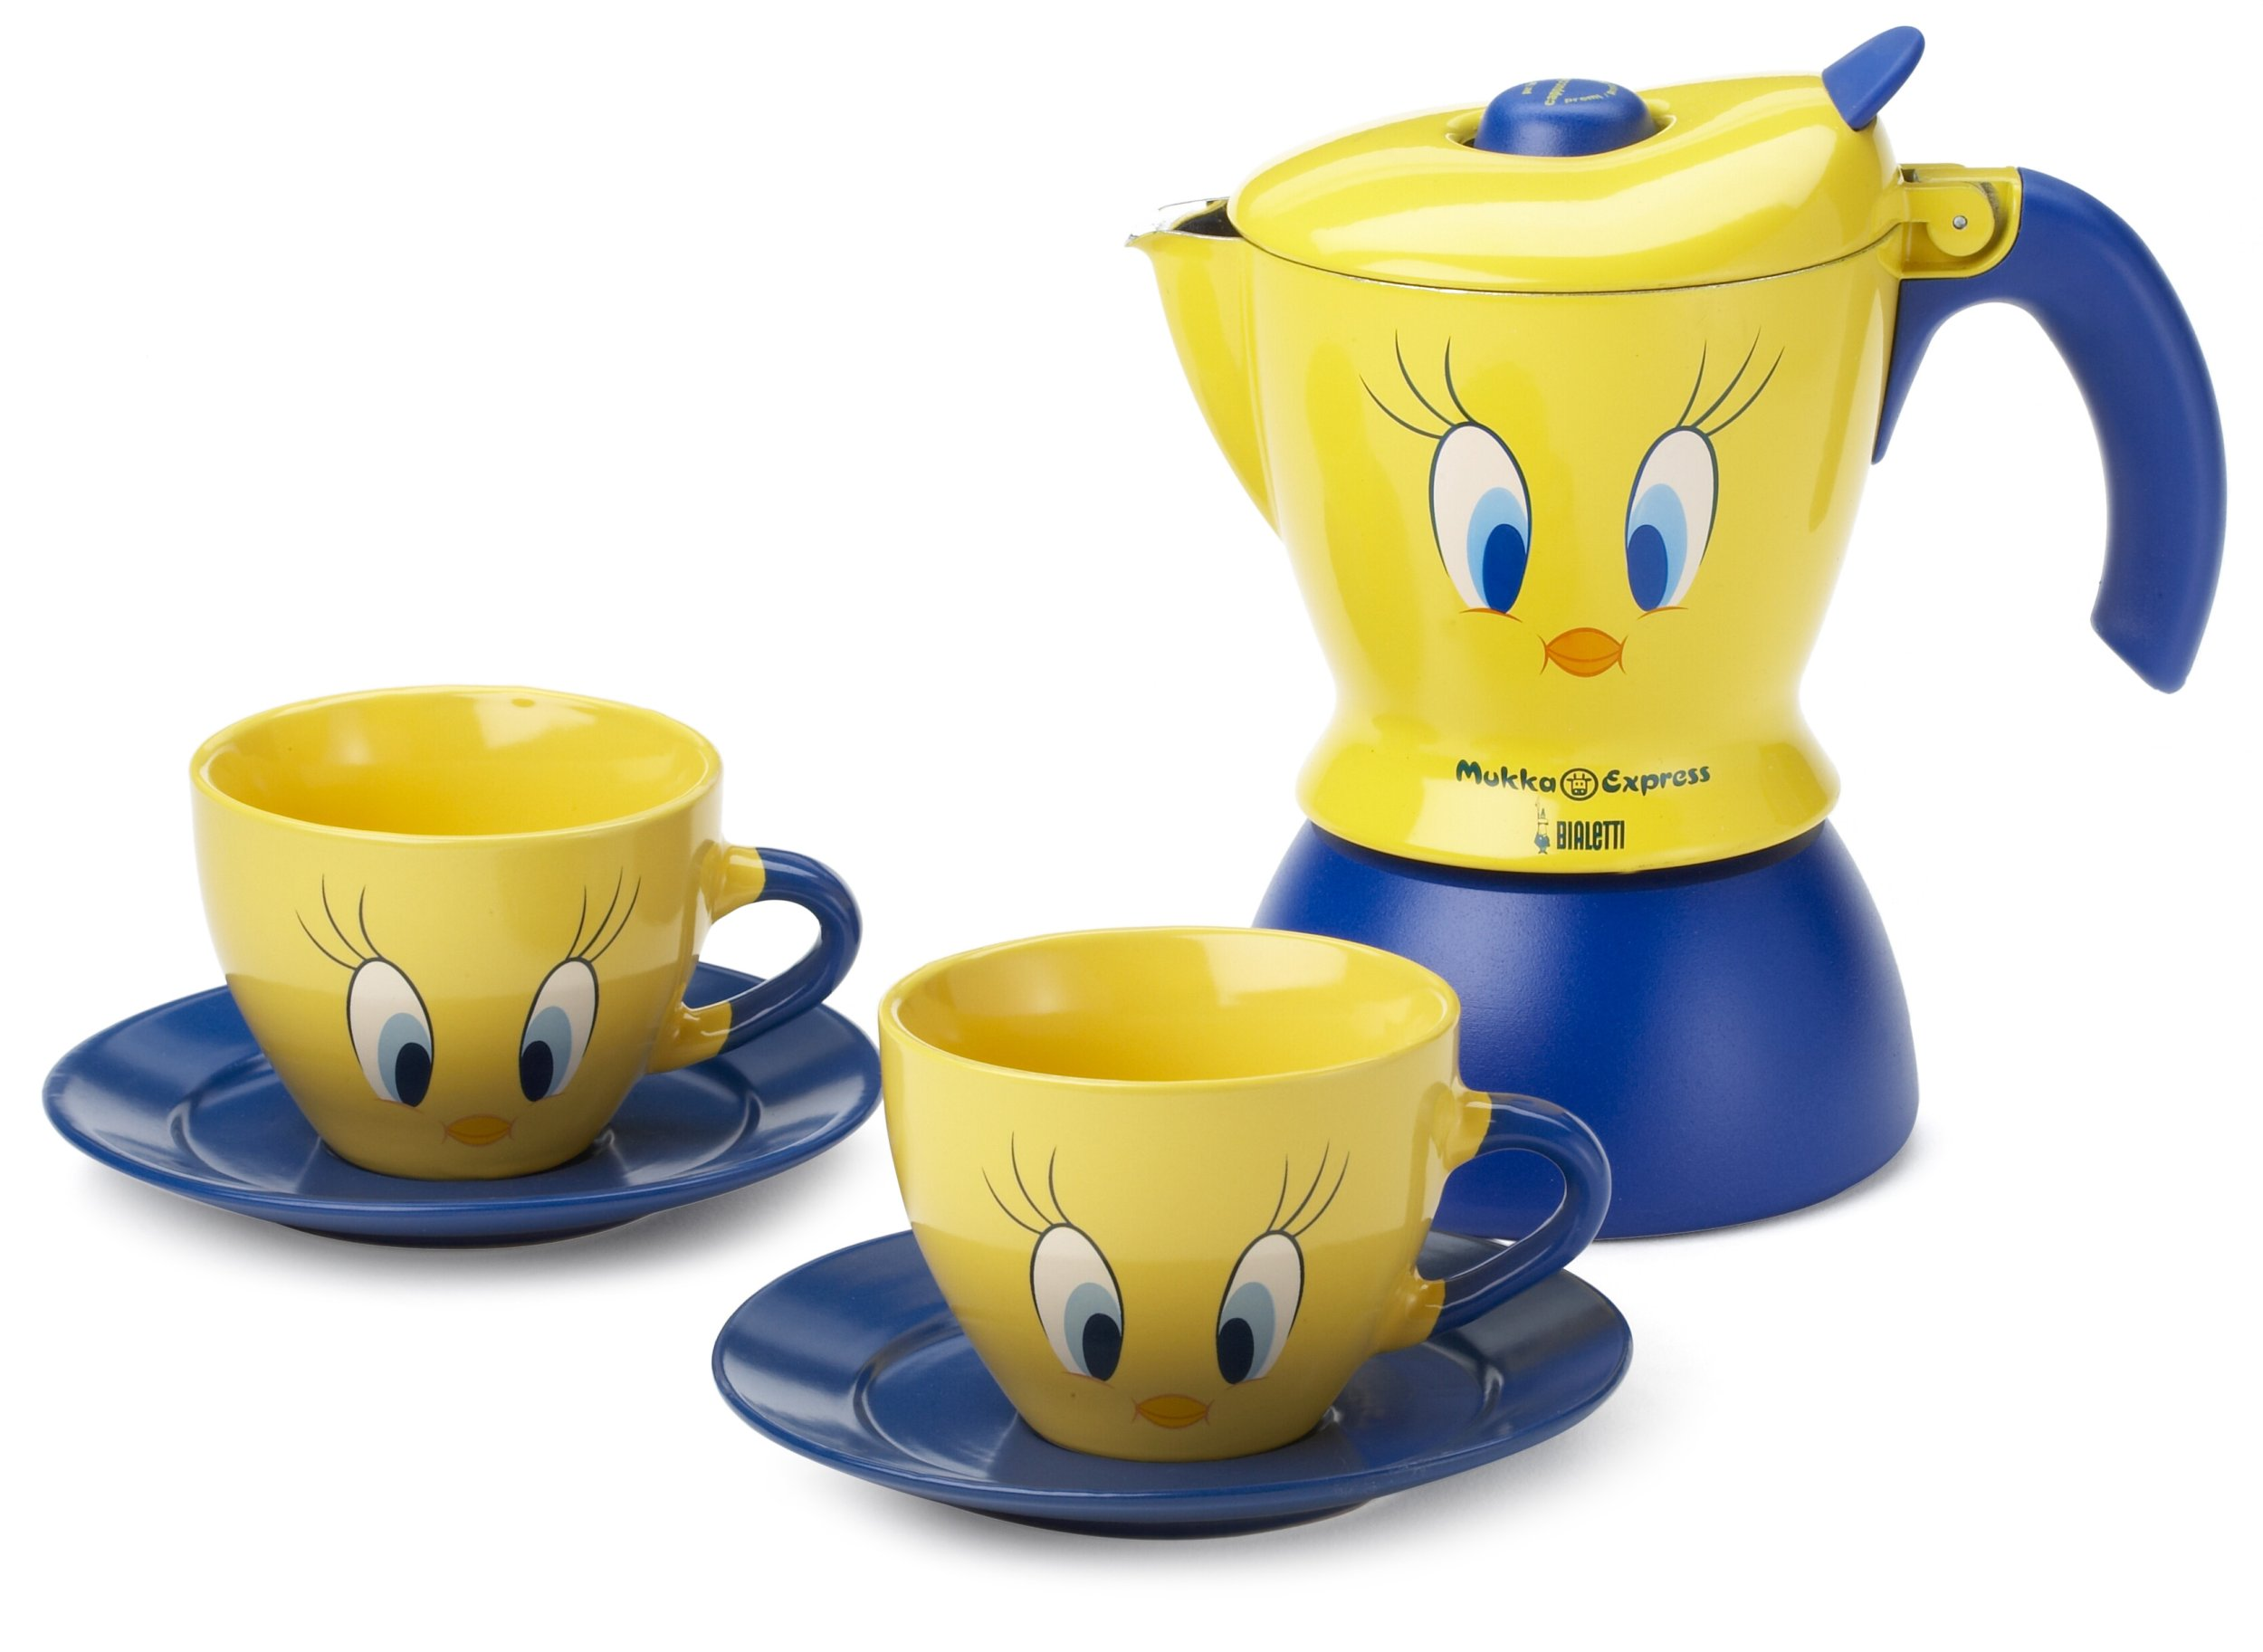 Bialetti Mukka Tweety - Cafetera italiana y juego de café con diseño de Piolín: Amazon.es: Hogar